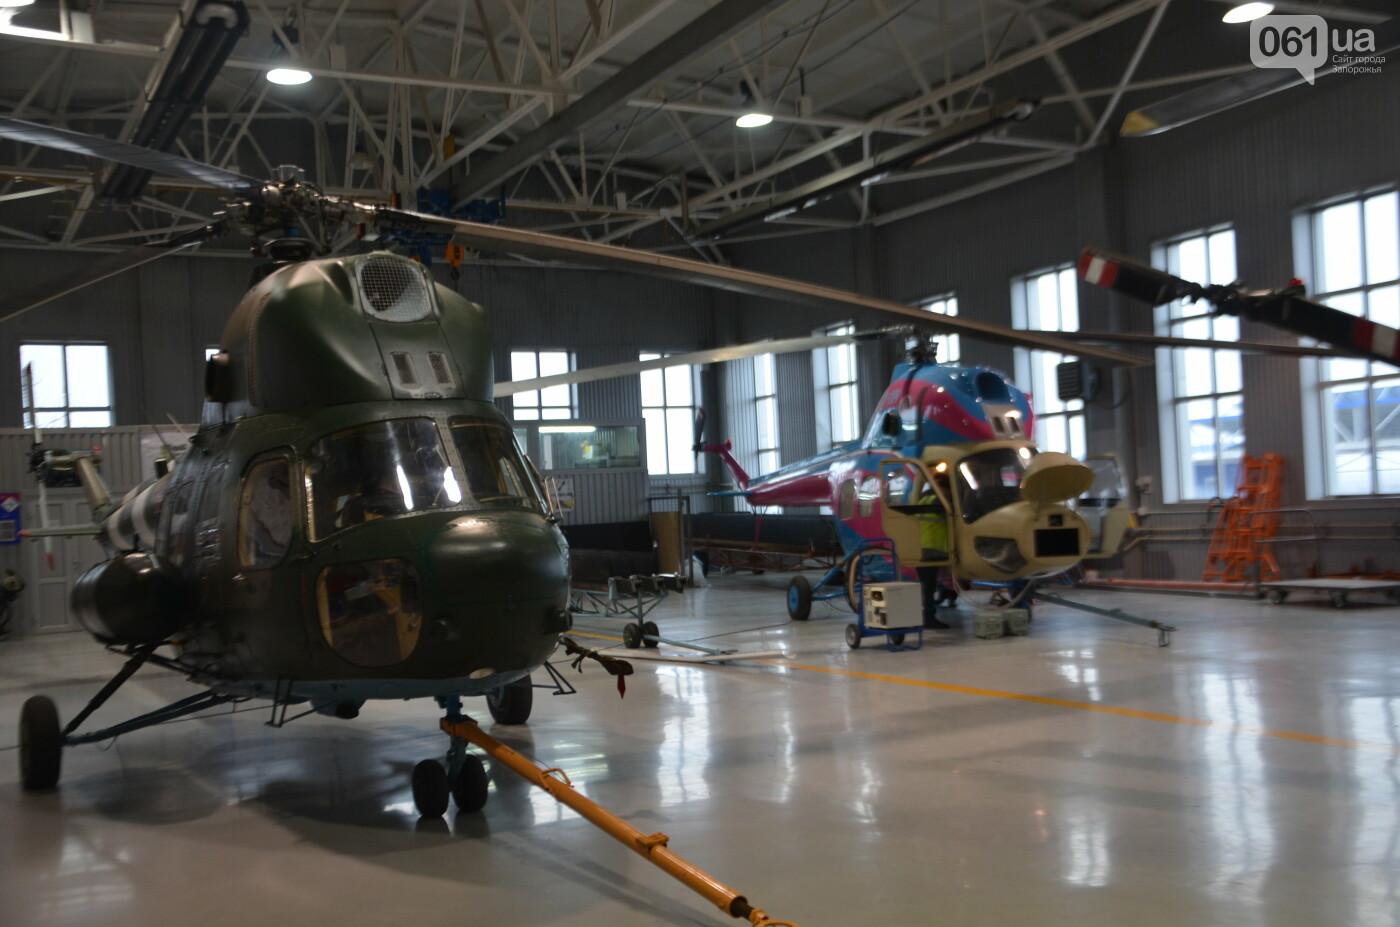 В Запорожье прошли первые испытания новых лопастей для военных вертолетов, - ФОТО, фото-31